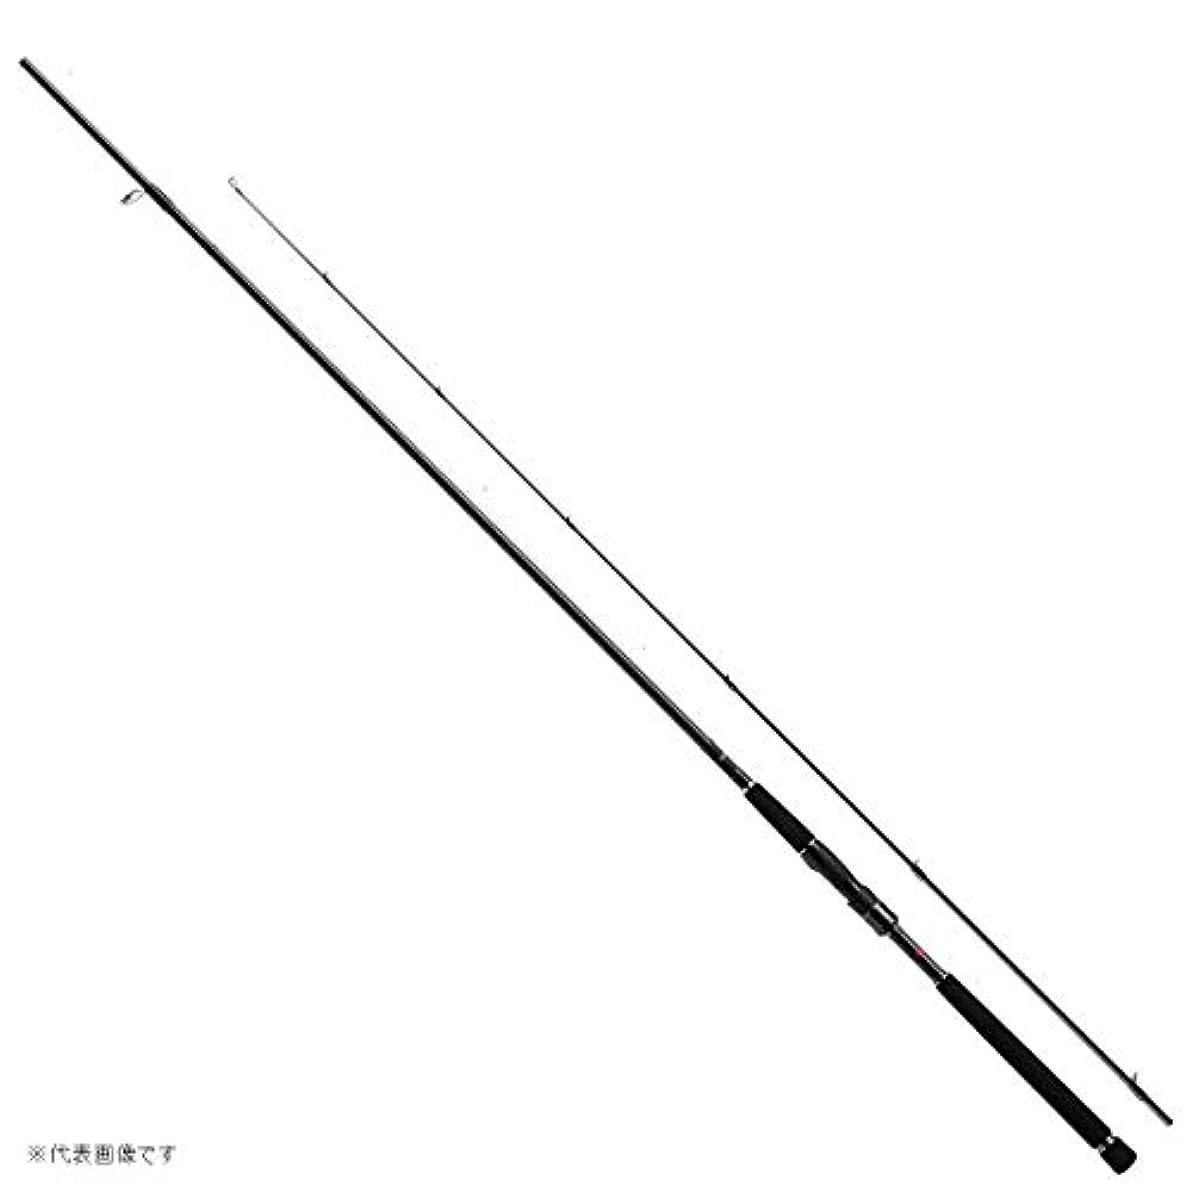 ボルトシャンパン日付ダイワ(DAIWA) ショアジギングロッド スピニング ラテオ FJ 103ML ショアジギング 釣り竿